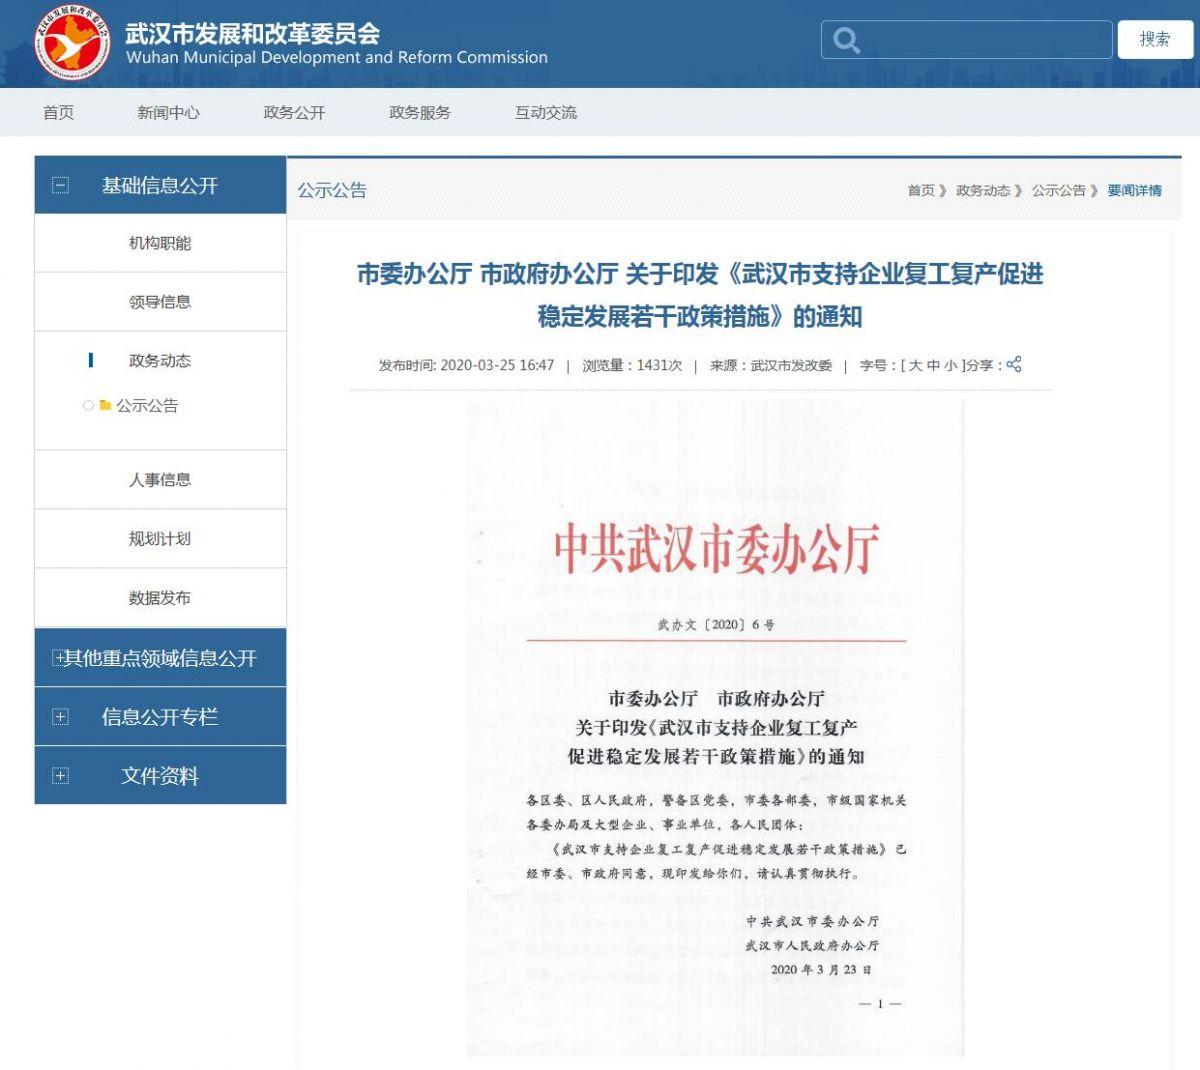 武汉出台21条政策措施支持企业复工复产